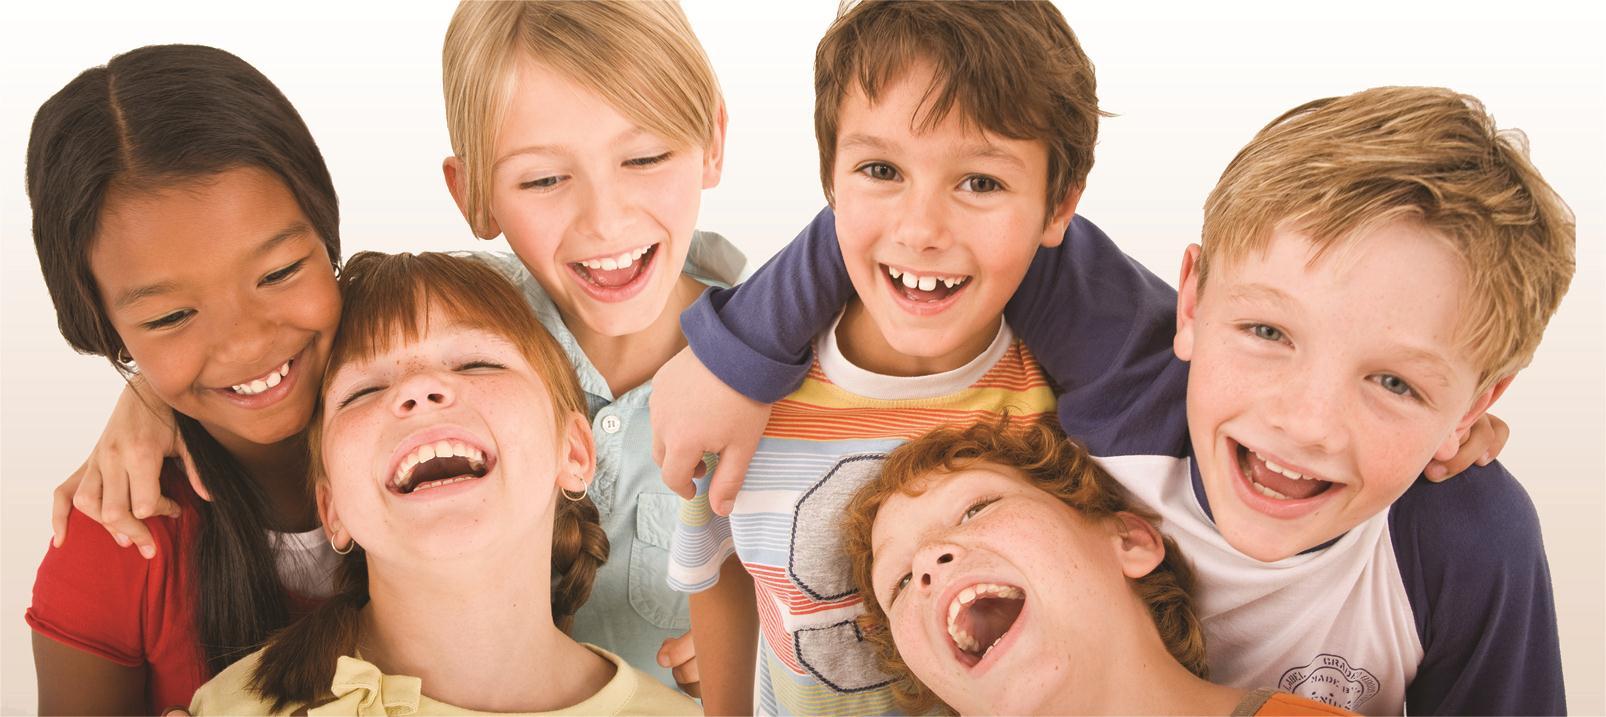 kids_multi_laughing_e8efc4e1cd02a694dcece2fe3d57e687.jpg